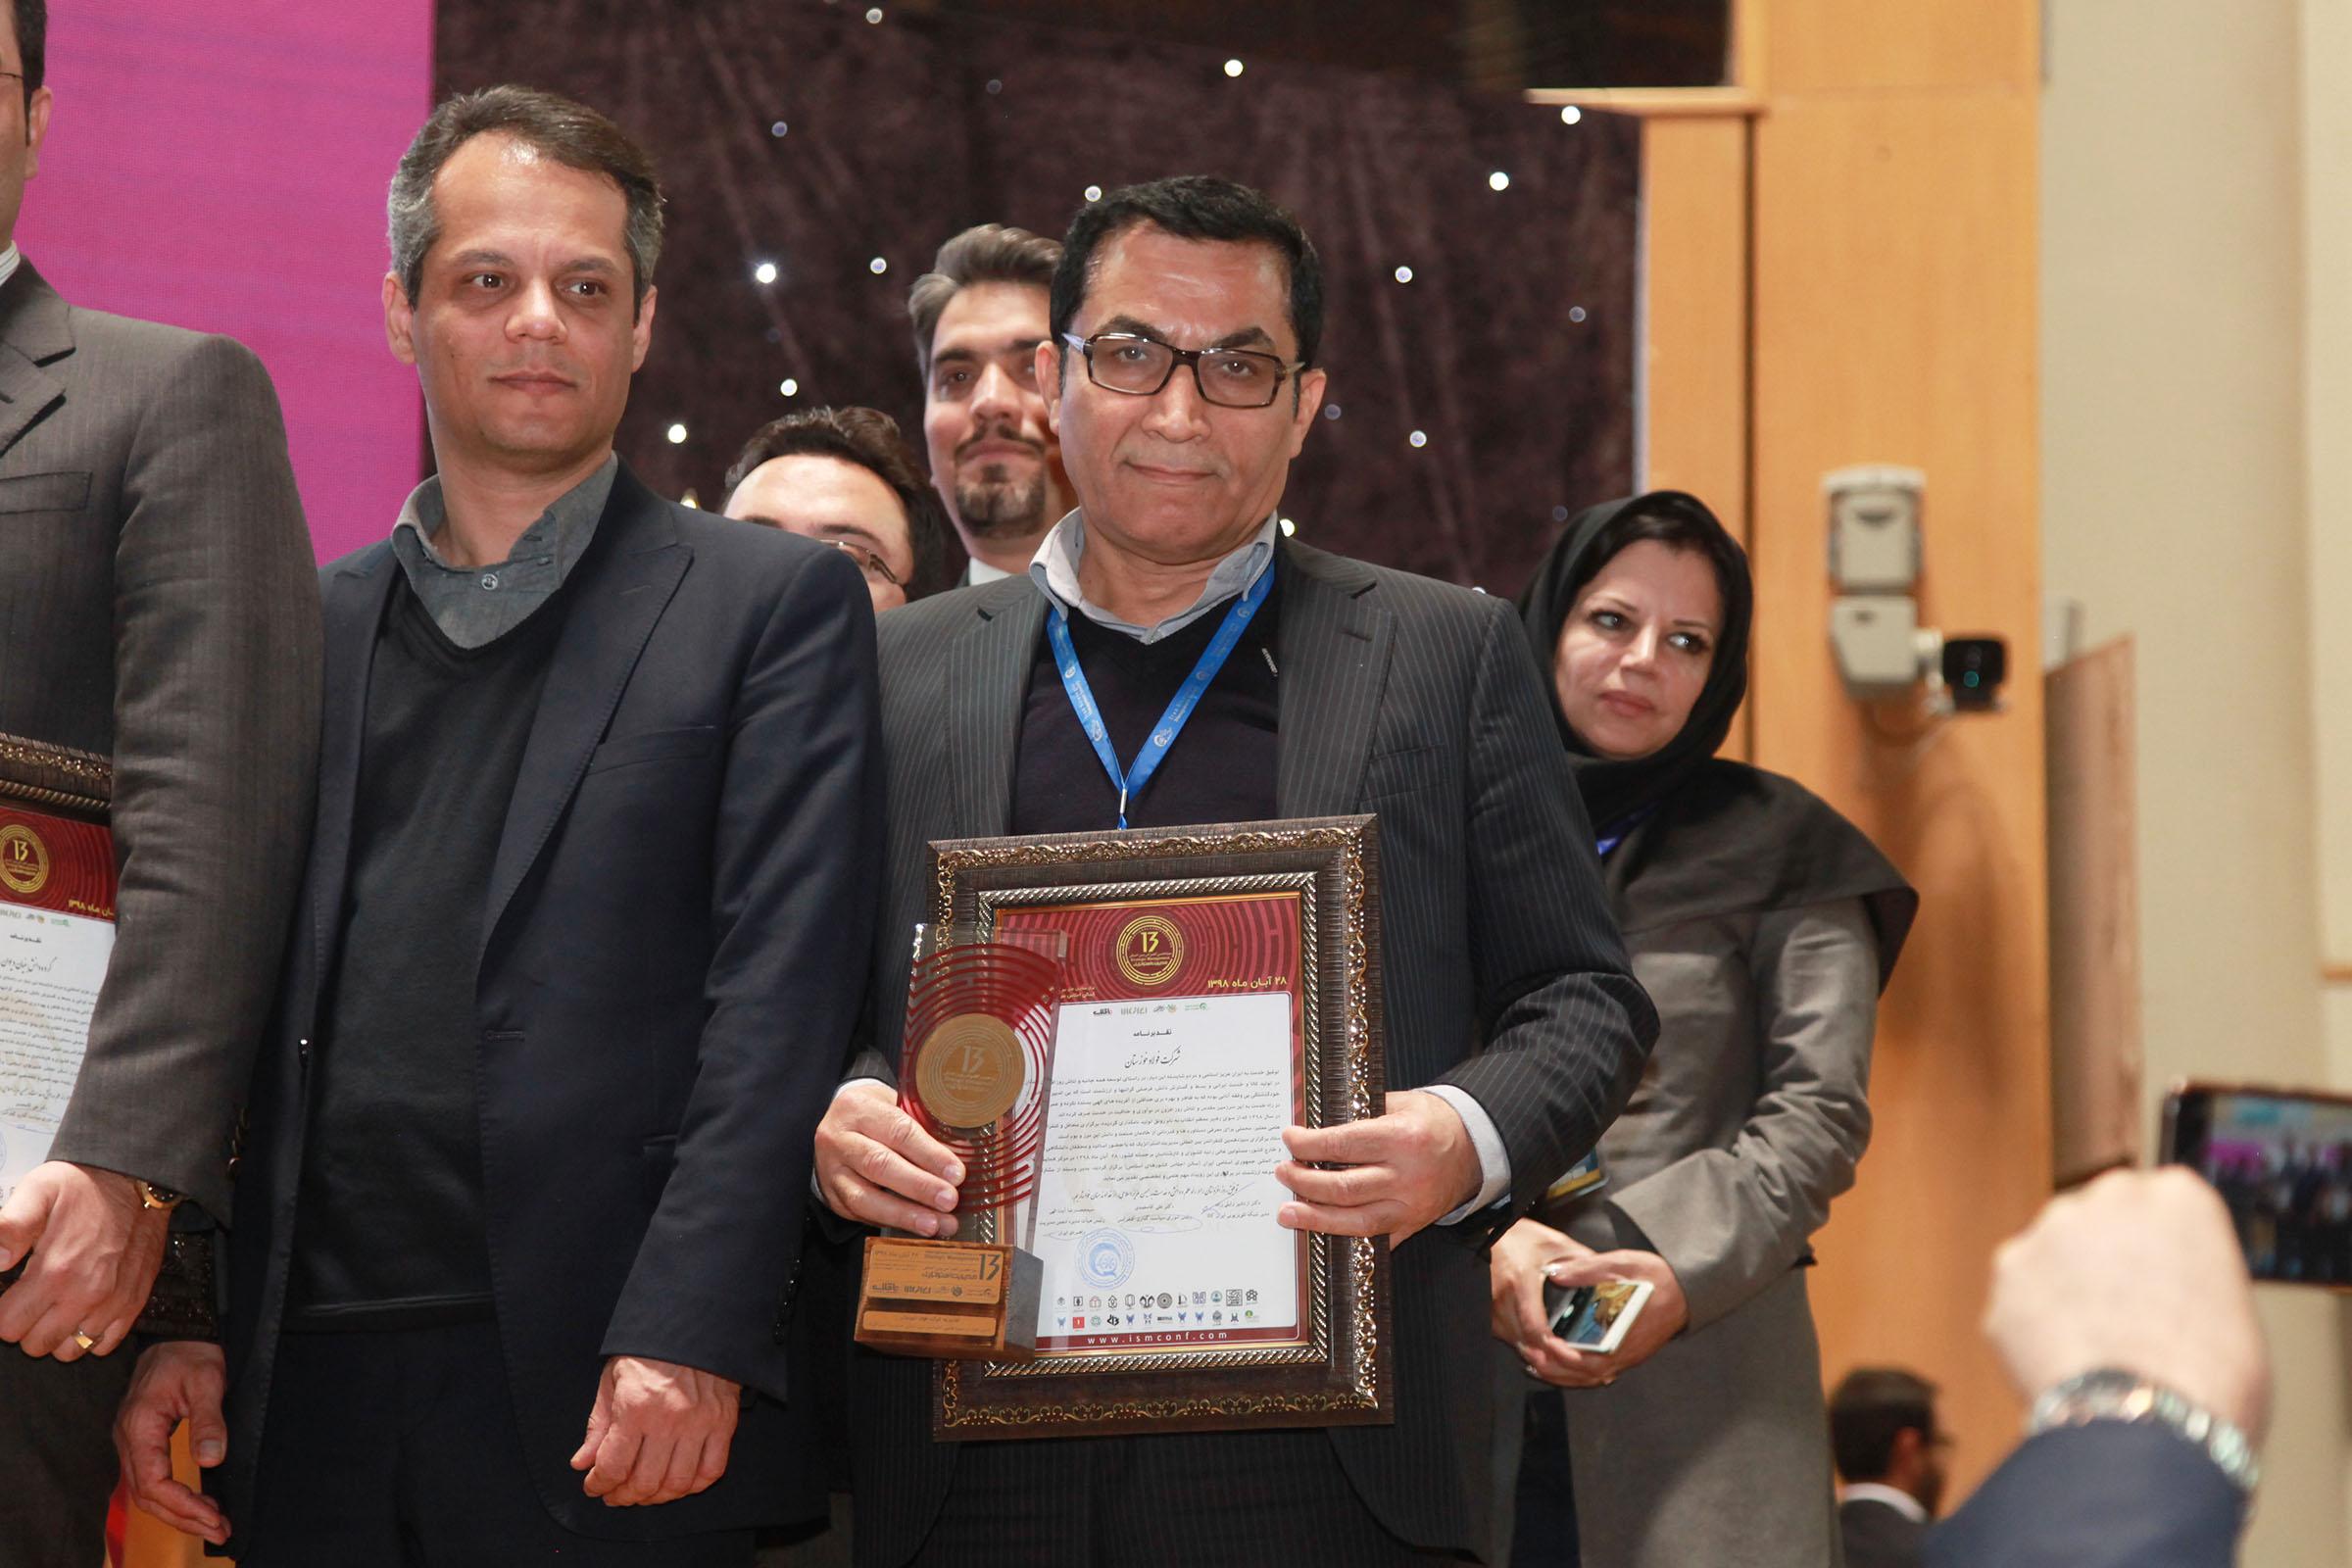 شرکت فولاد خوزستان پیشرو در پیادهسازی استراتژی اقتصاد مقاومتی